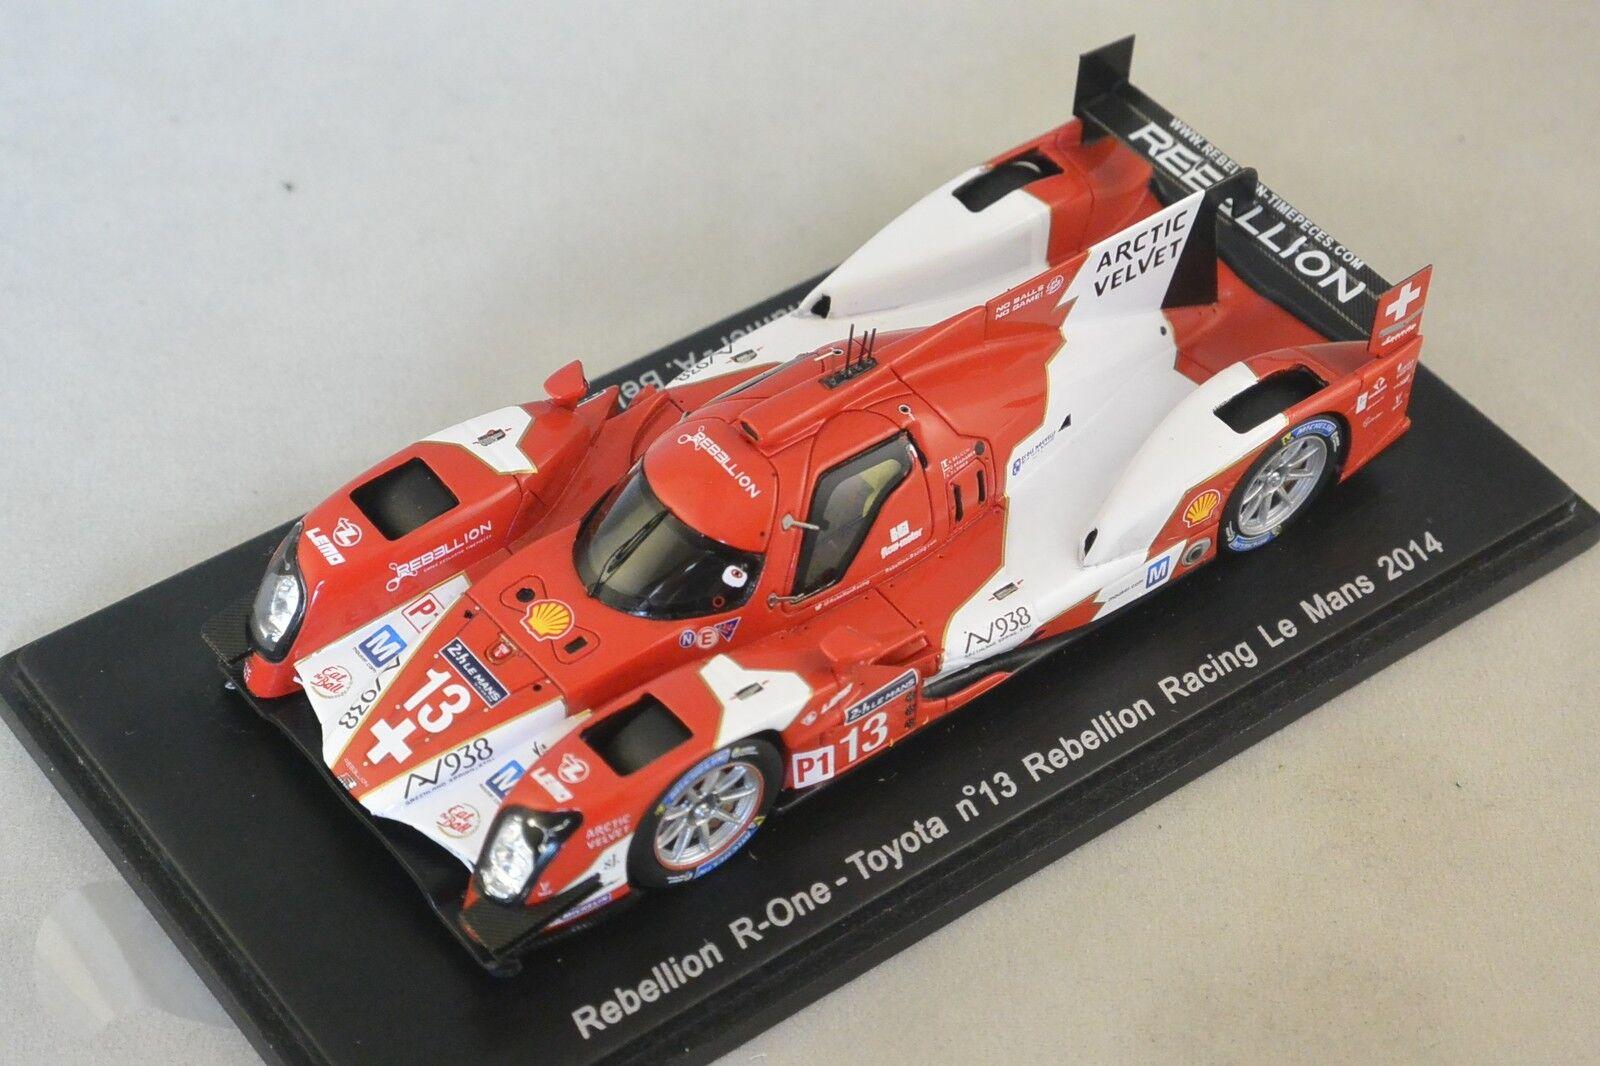 Spark S4207 - REBELLION R-One R-One R-One Toyota Rebellion n°13 Le Mans 2014 Kraihamer 1 43 aee2e5